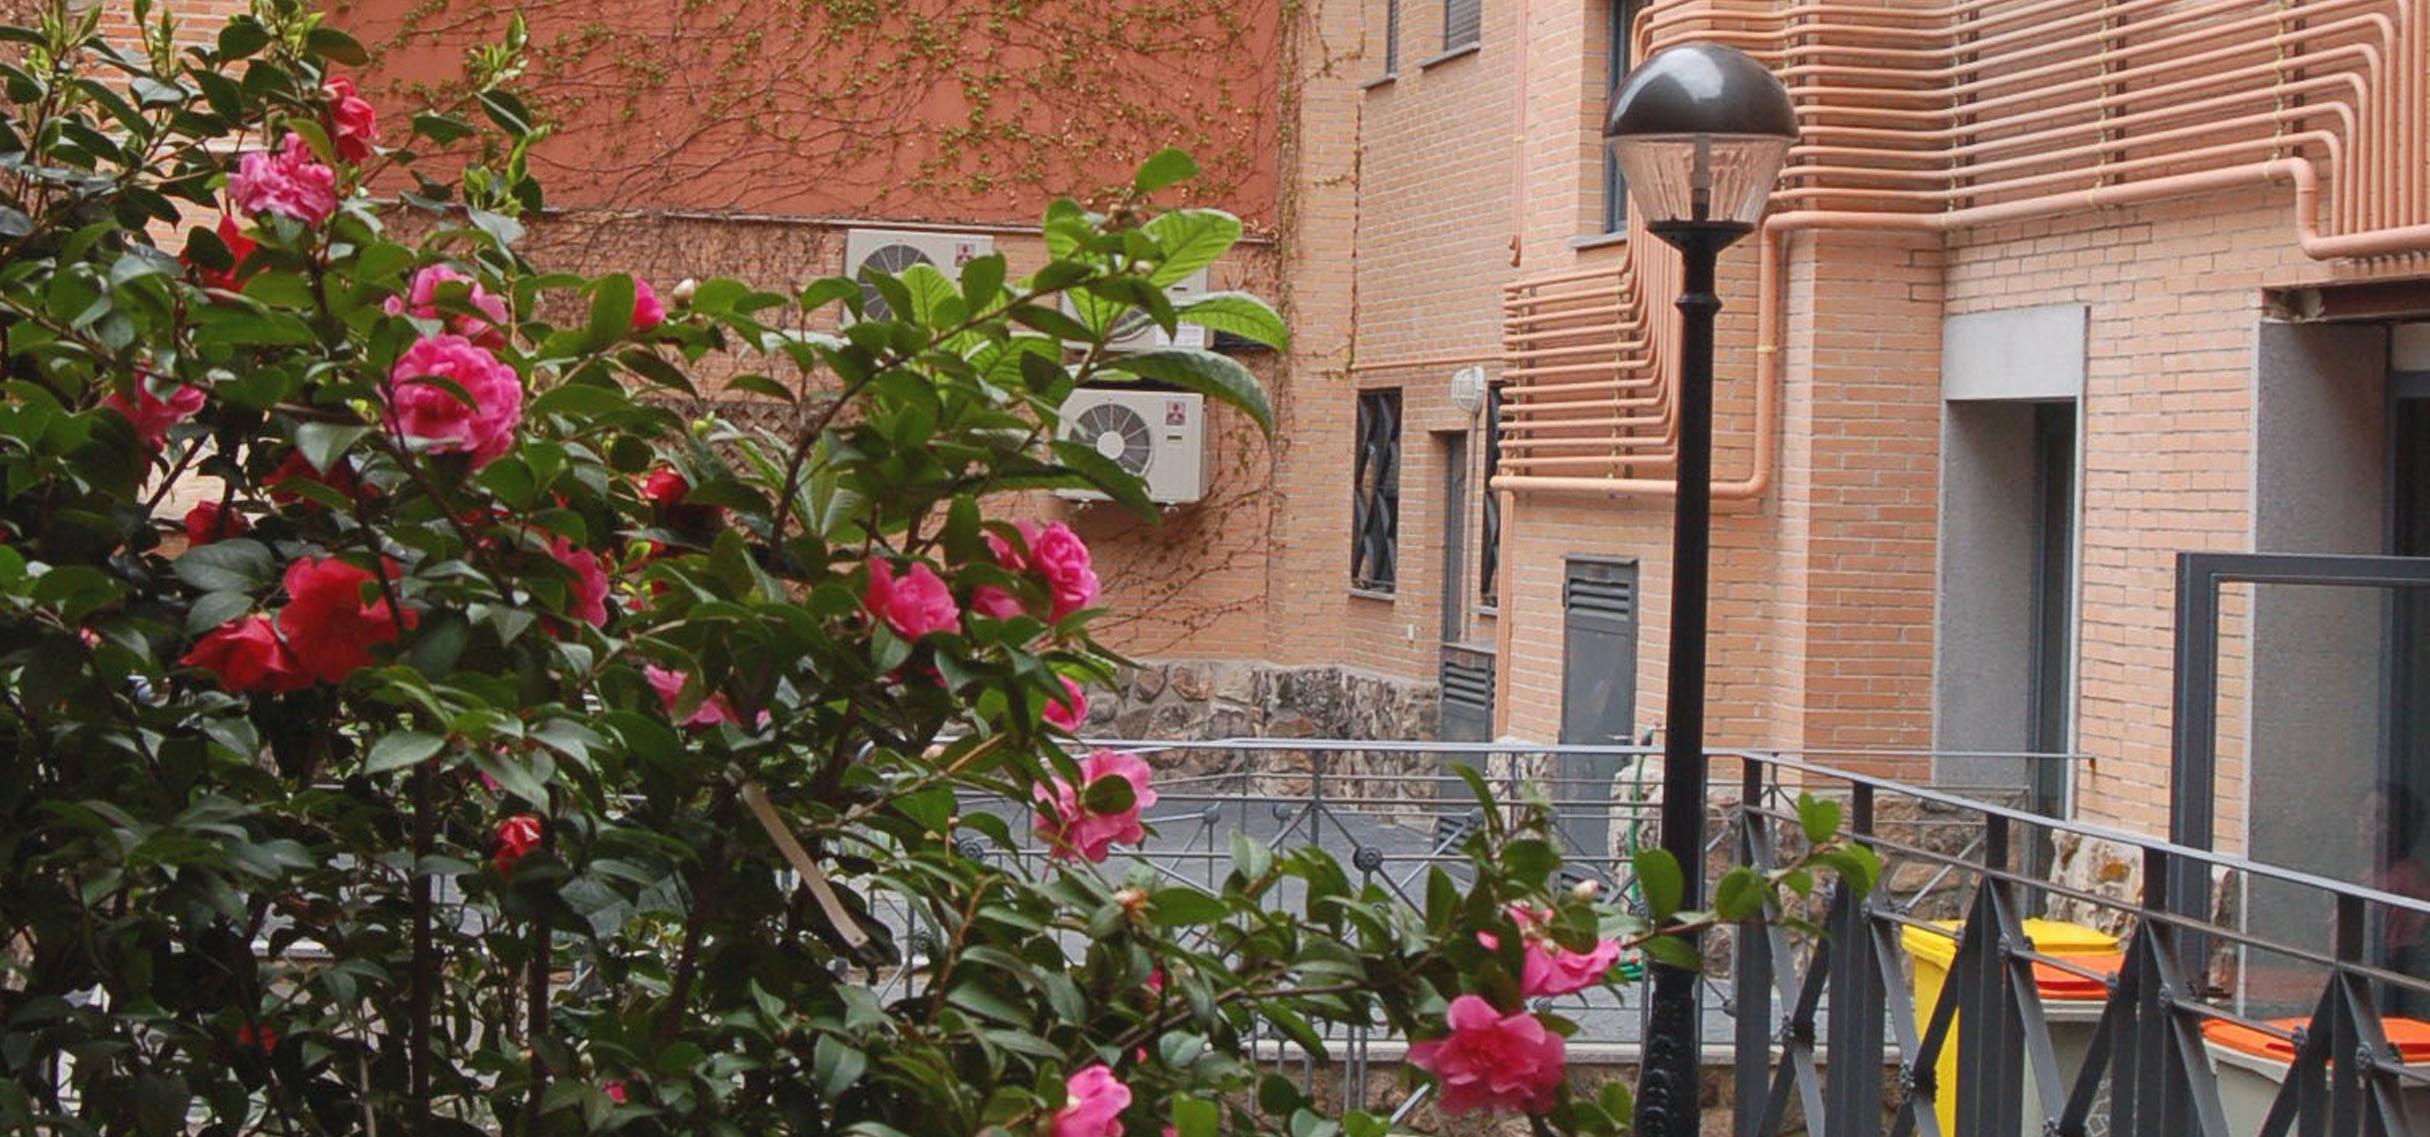 Apartamentos econ micos en alquiler en madrid 1 habitaci n otamendi - Alquiler de pisos en madrid baratos ...